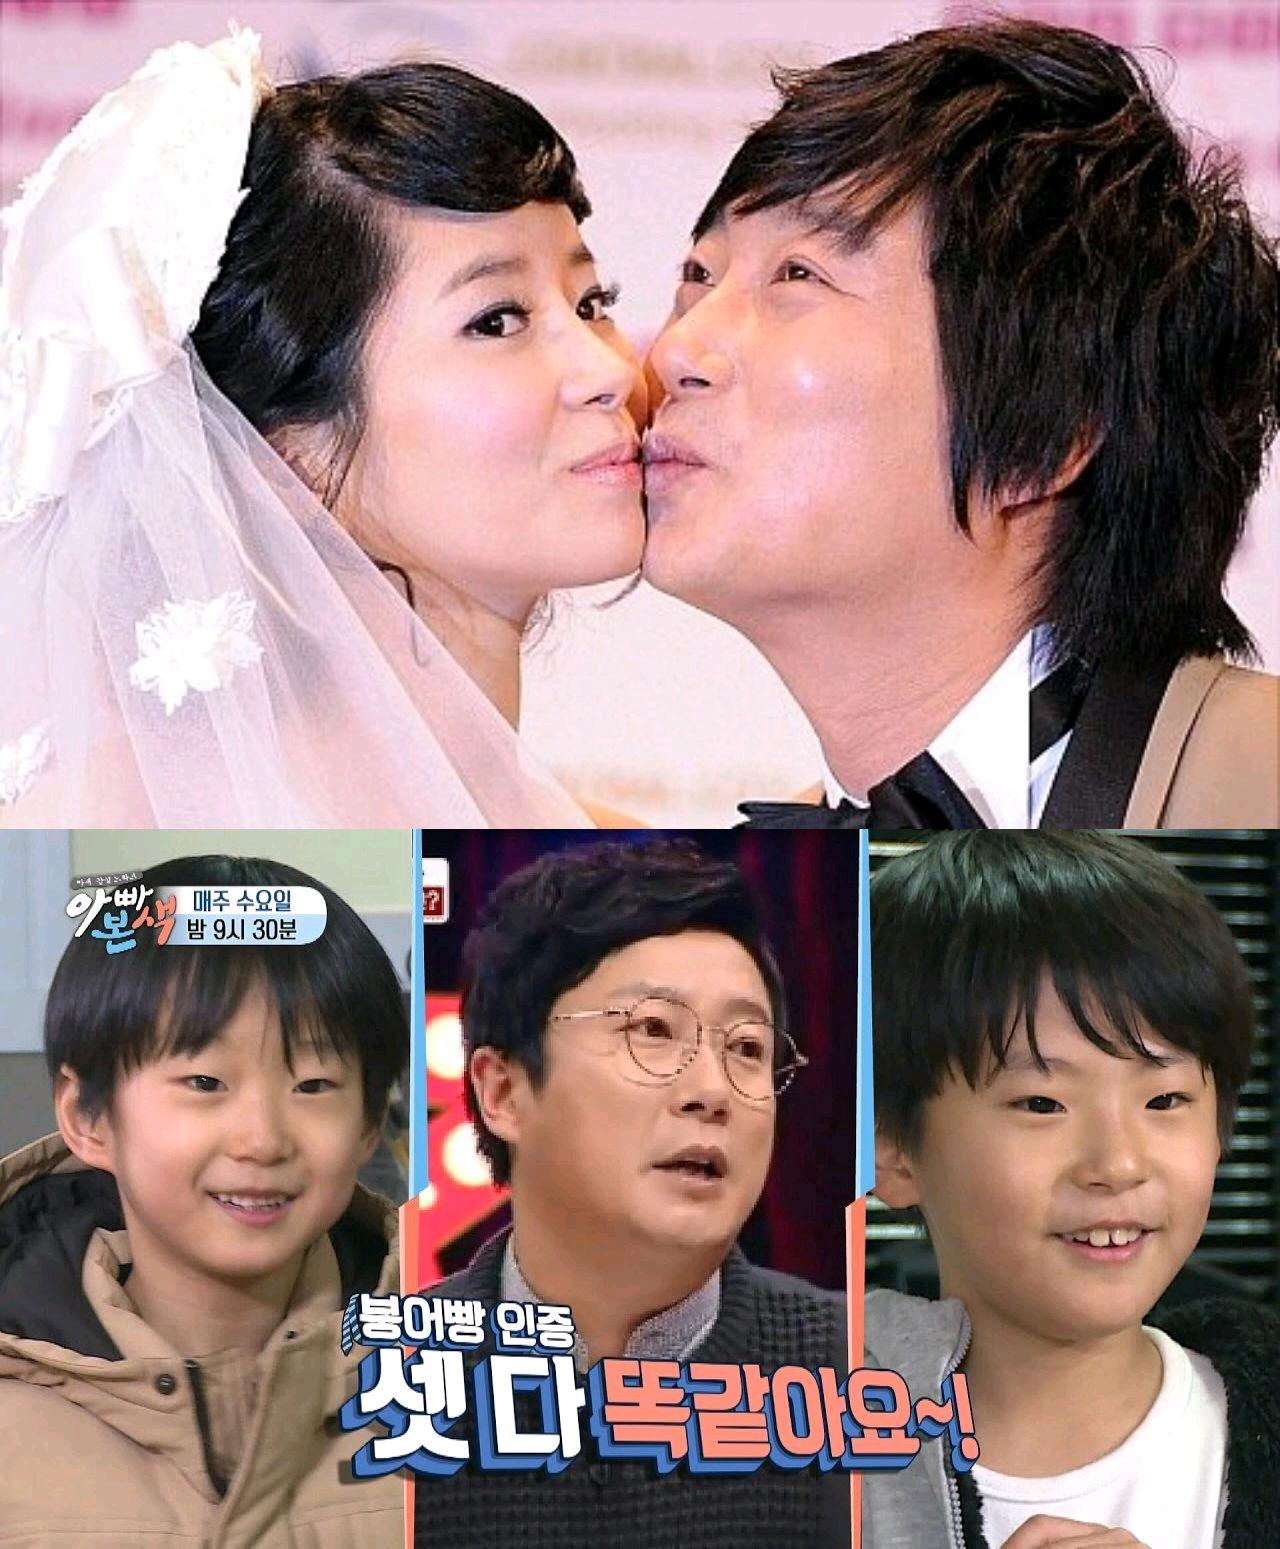 李秀根和妻子朴智妍约会,看到14岁的大儿子哭了,怎么会这样